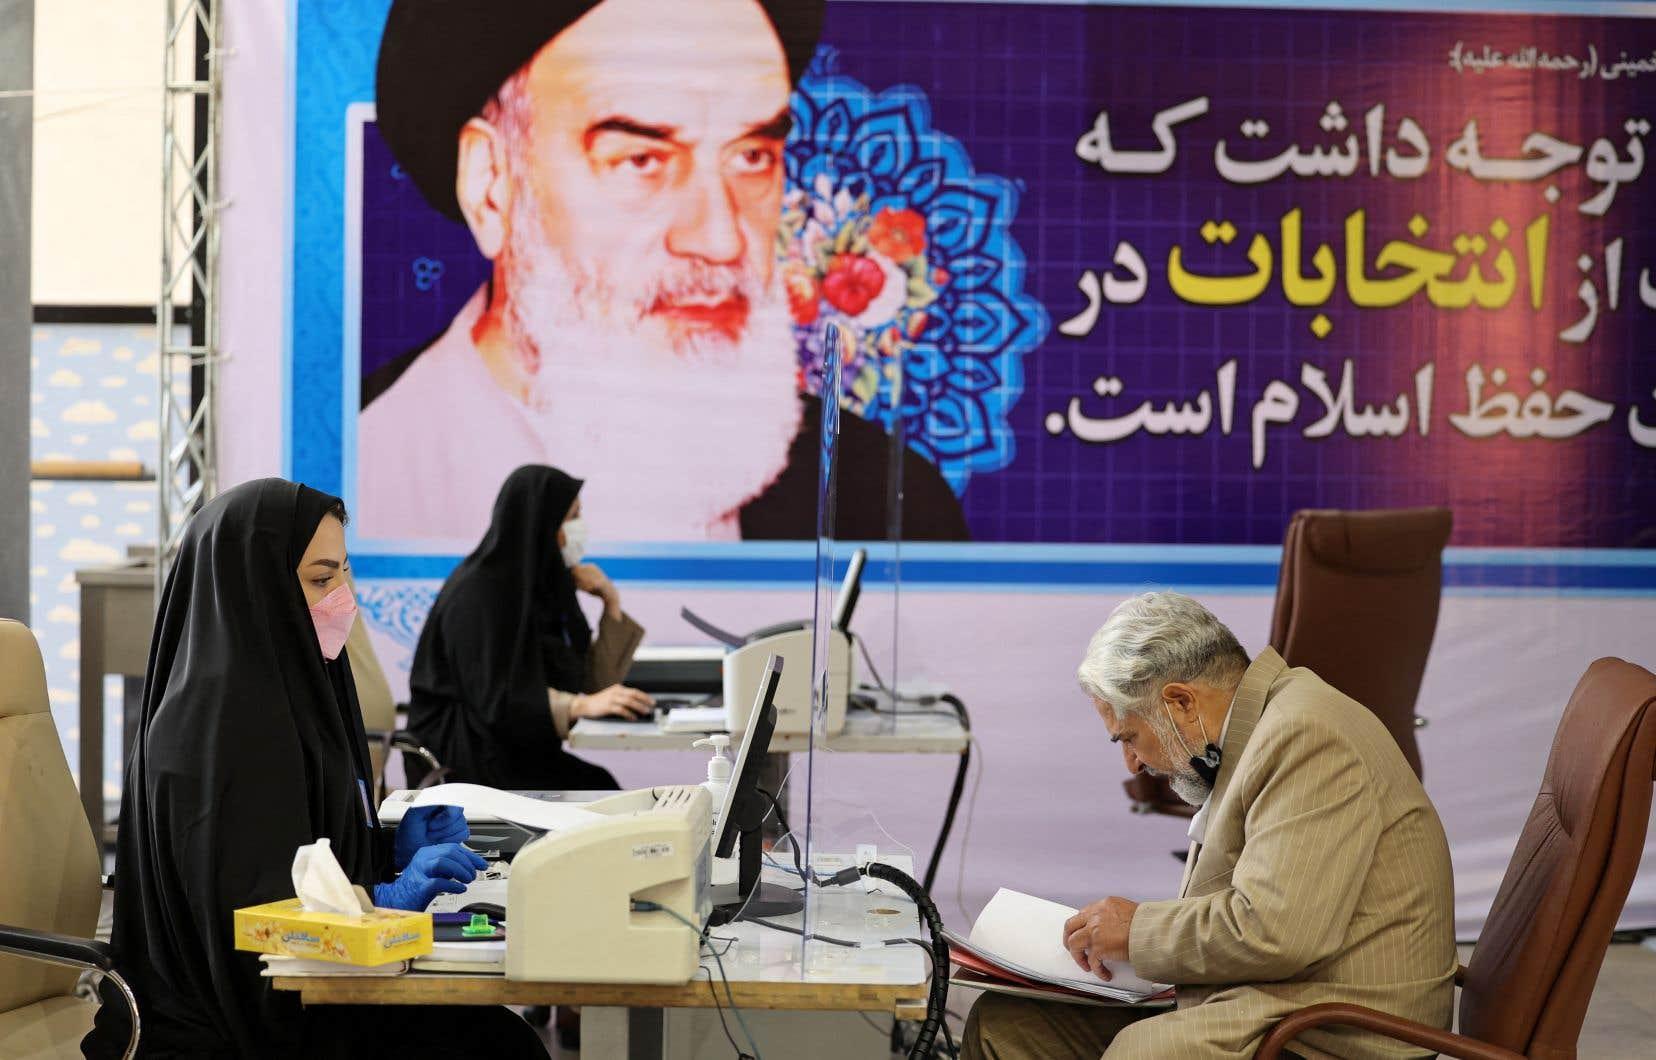 L'élection  présidentielle  en Iran s'est amorcée mardi avec le début  à Téhéran  de l'inscription des candidats, ici sous une grande affiche du guide  suprême, Ali Khamenei.